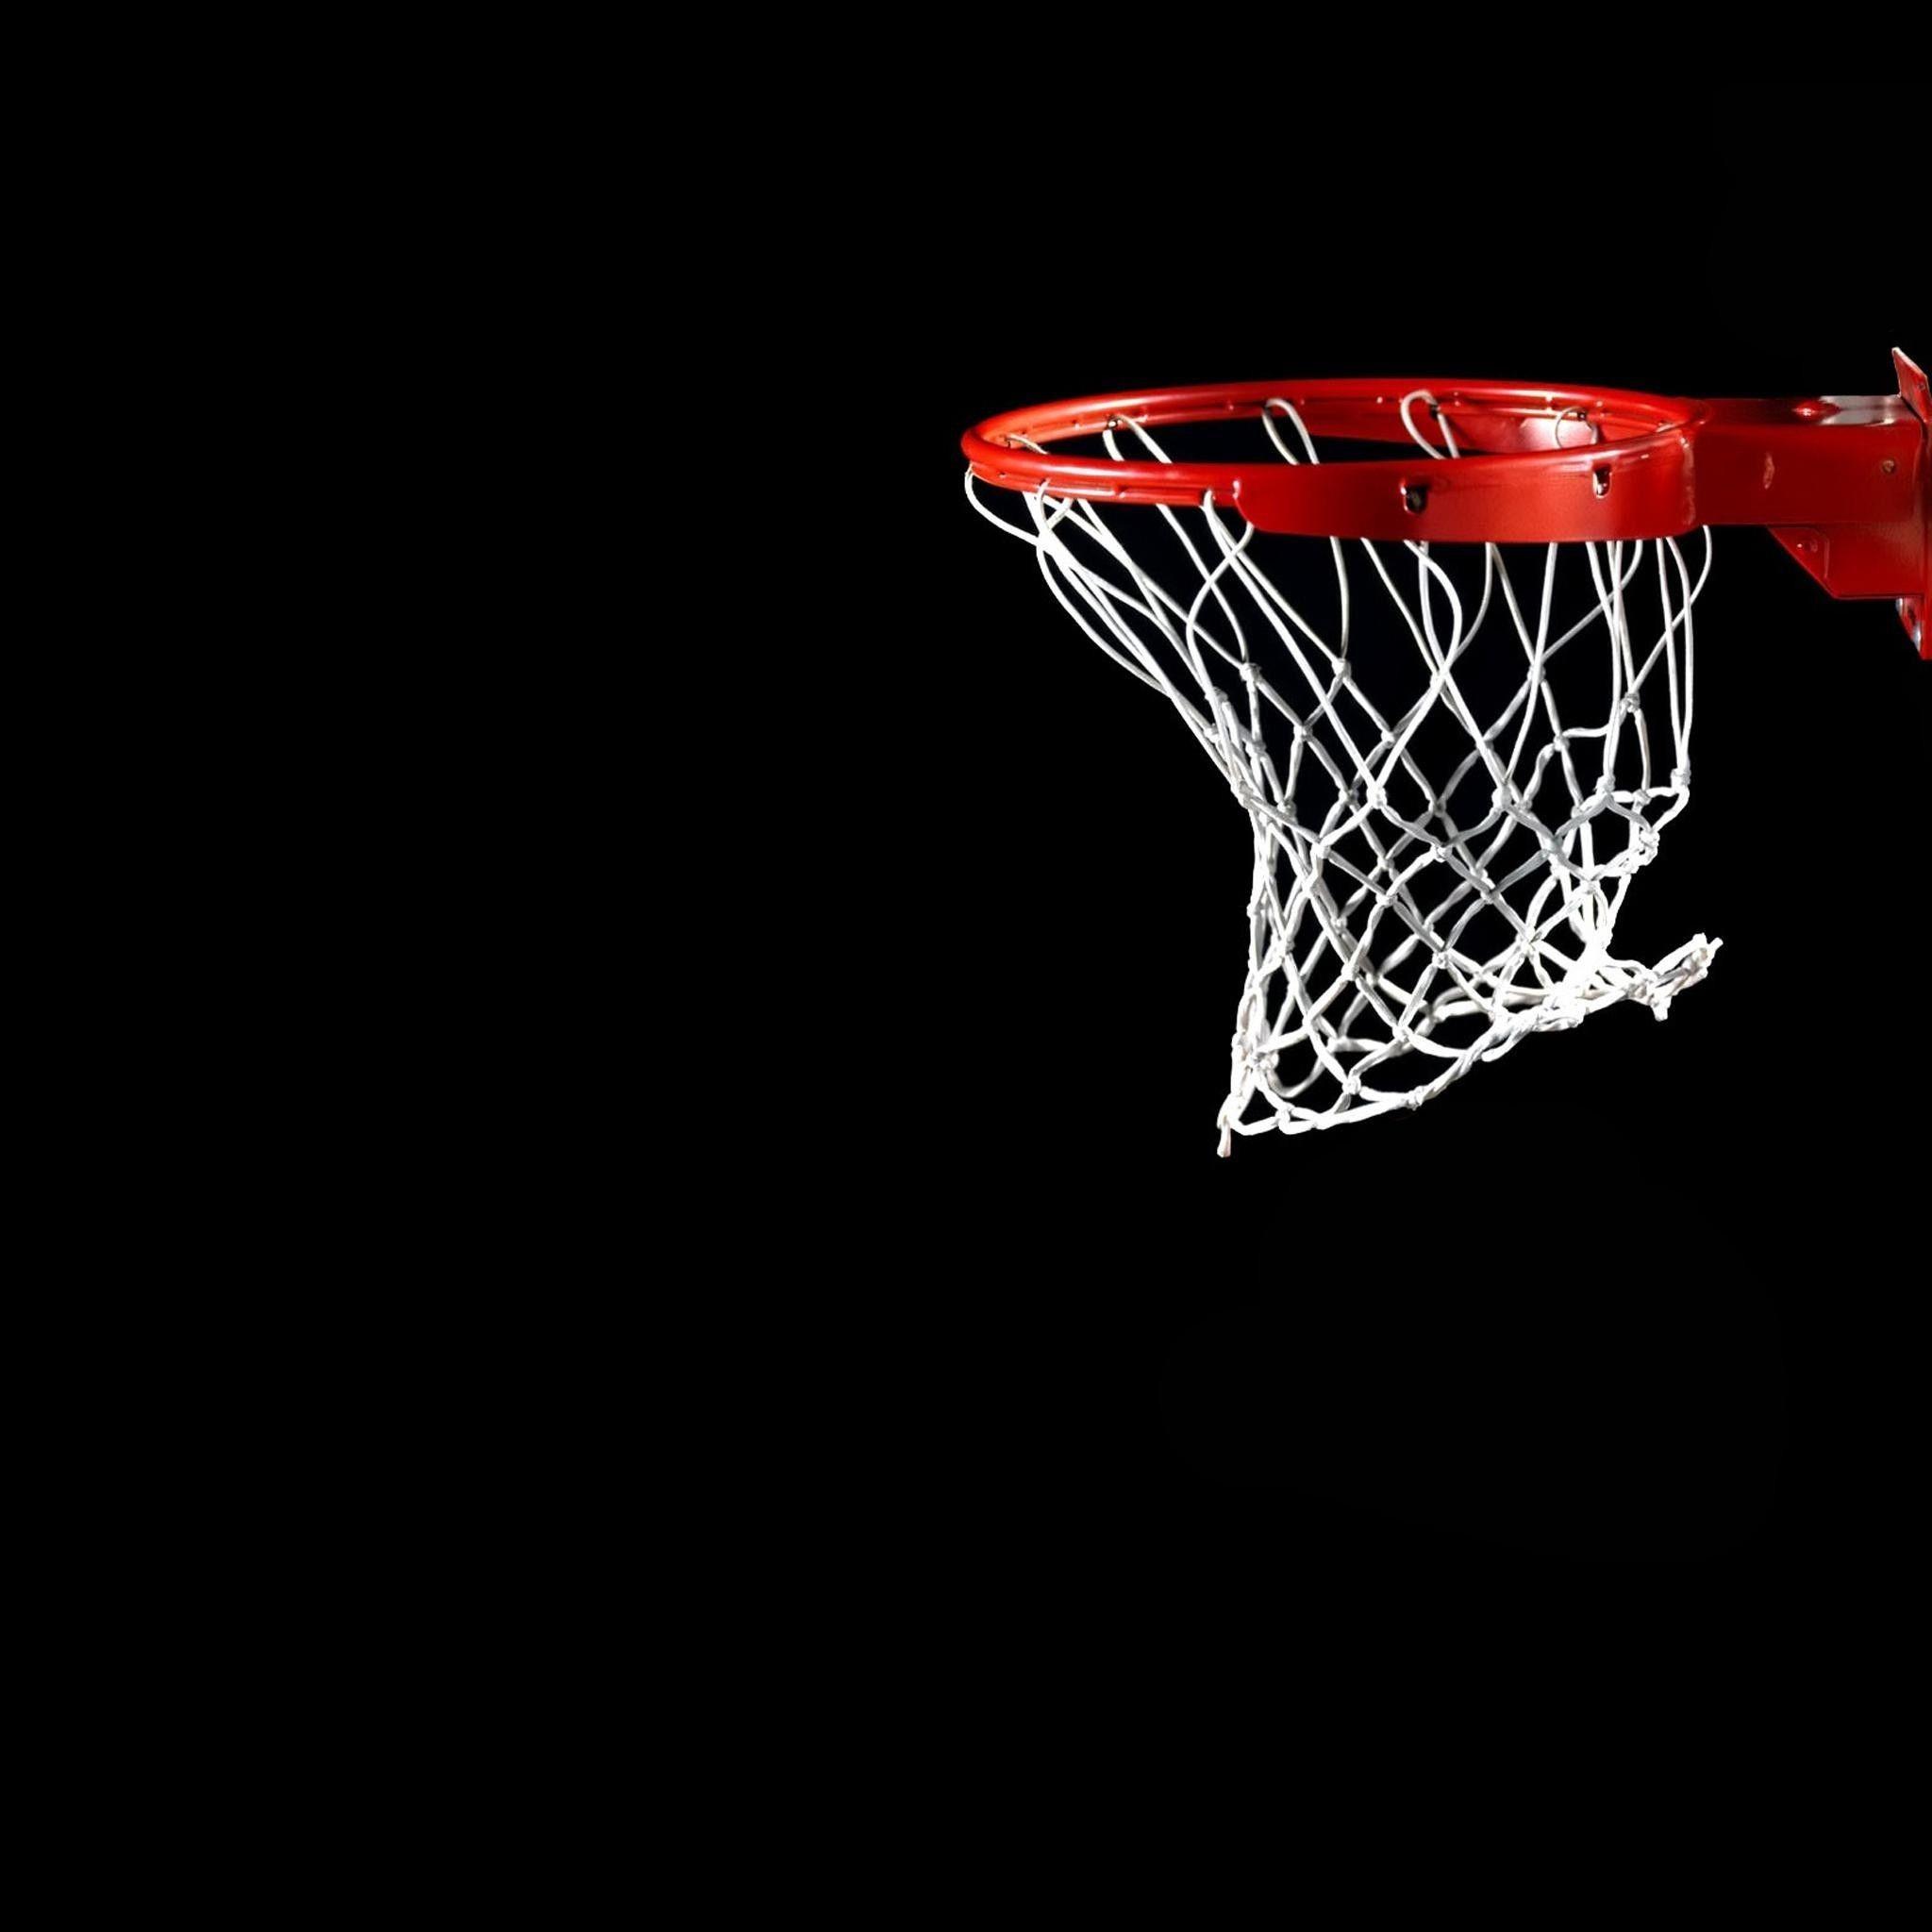 NBA HD FHDQ Live Wallpaper